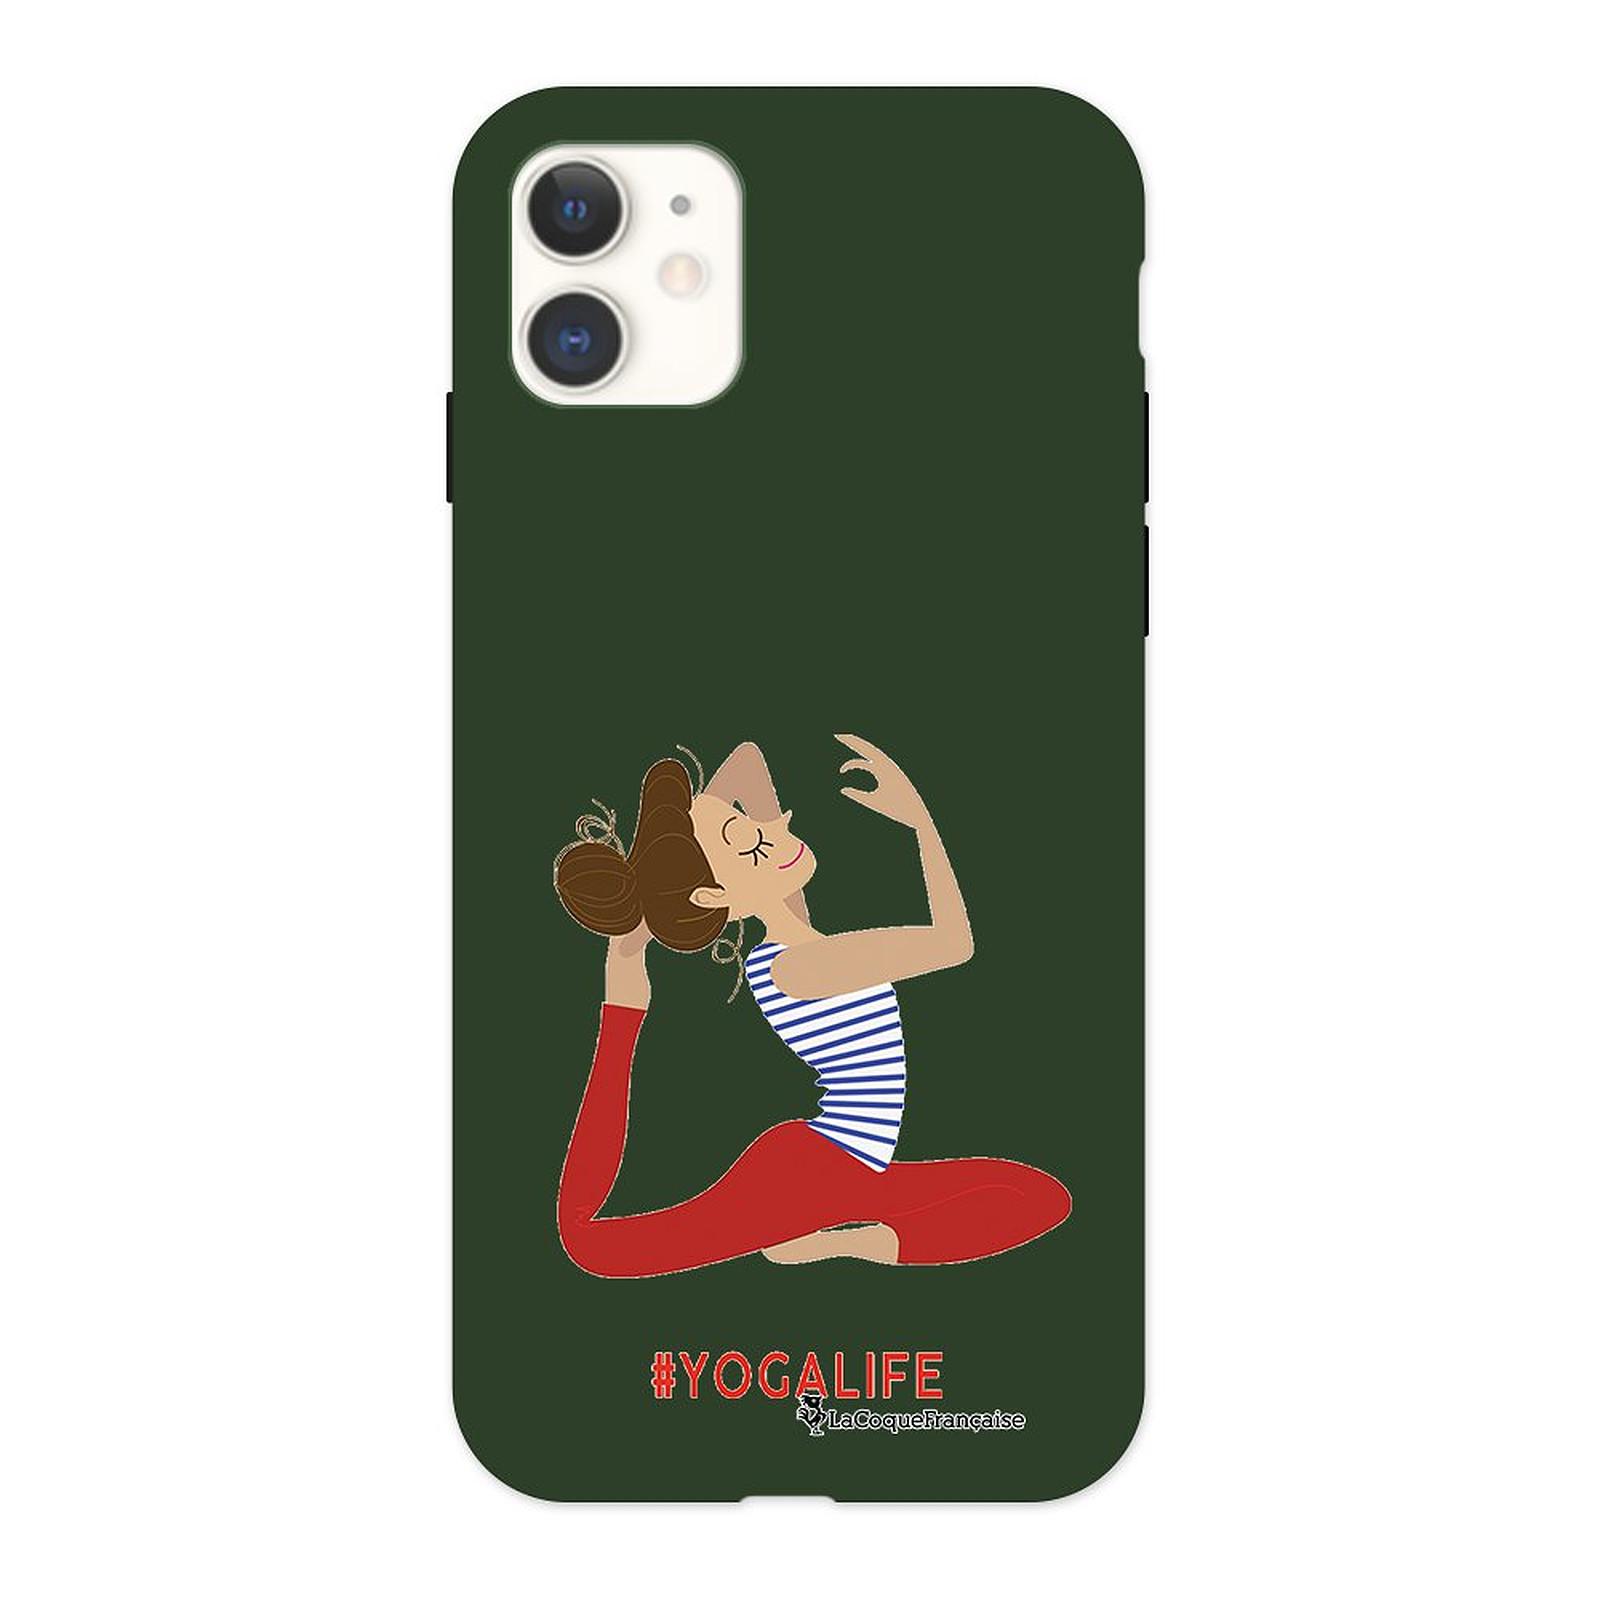 LA COQUE FRANCAISE Coque iPhone 11 Silicone Liquide Douce vert kaki Yoga Life